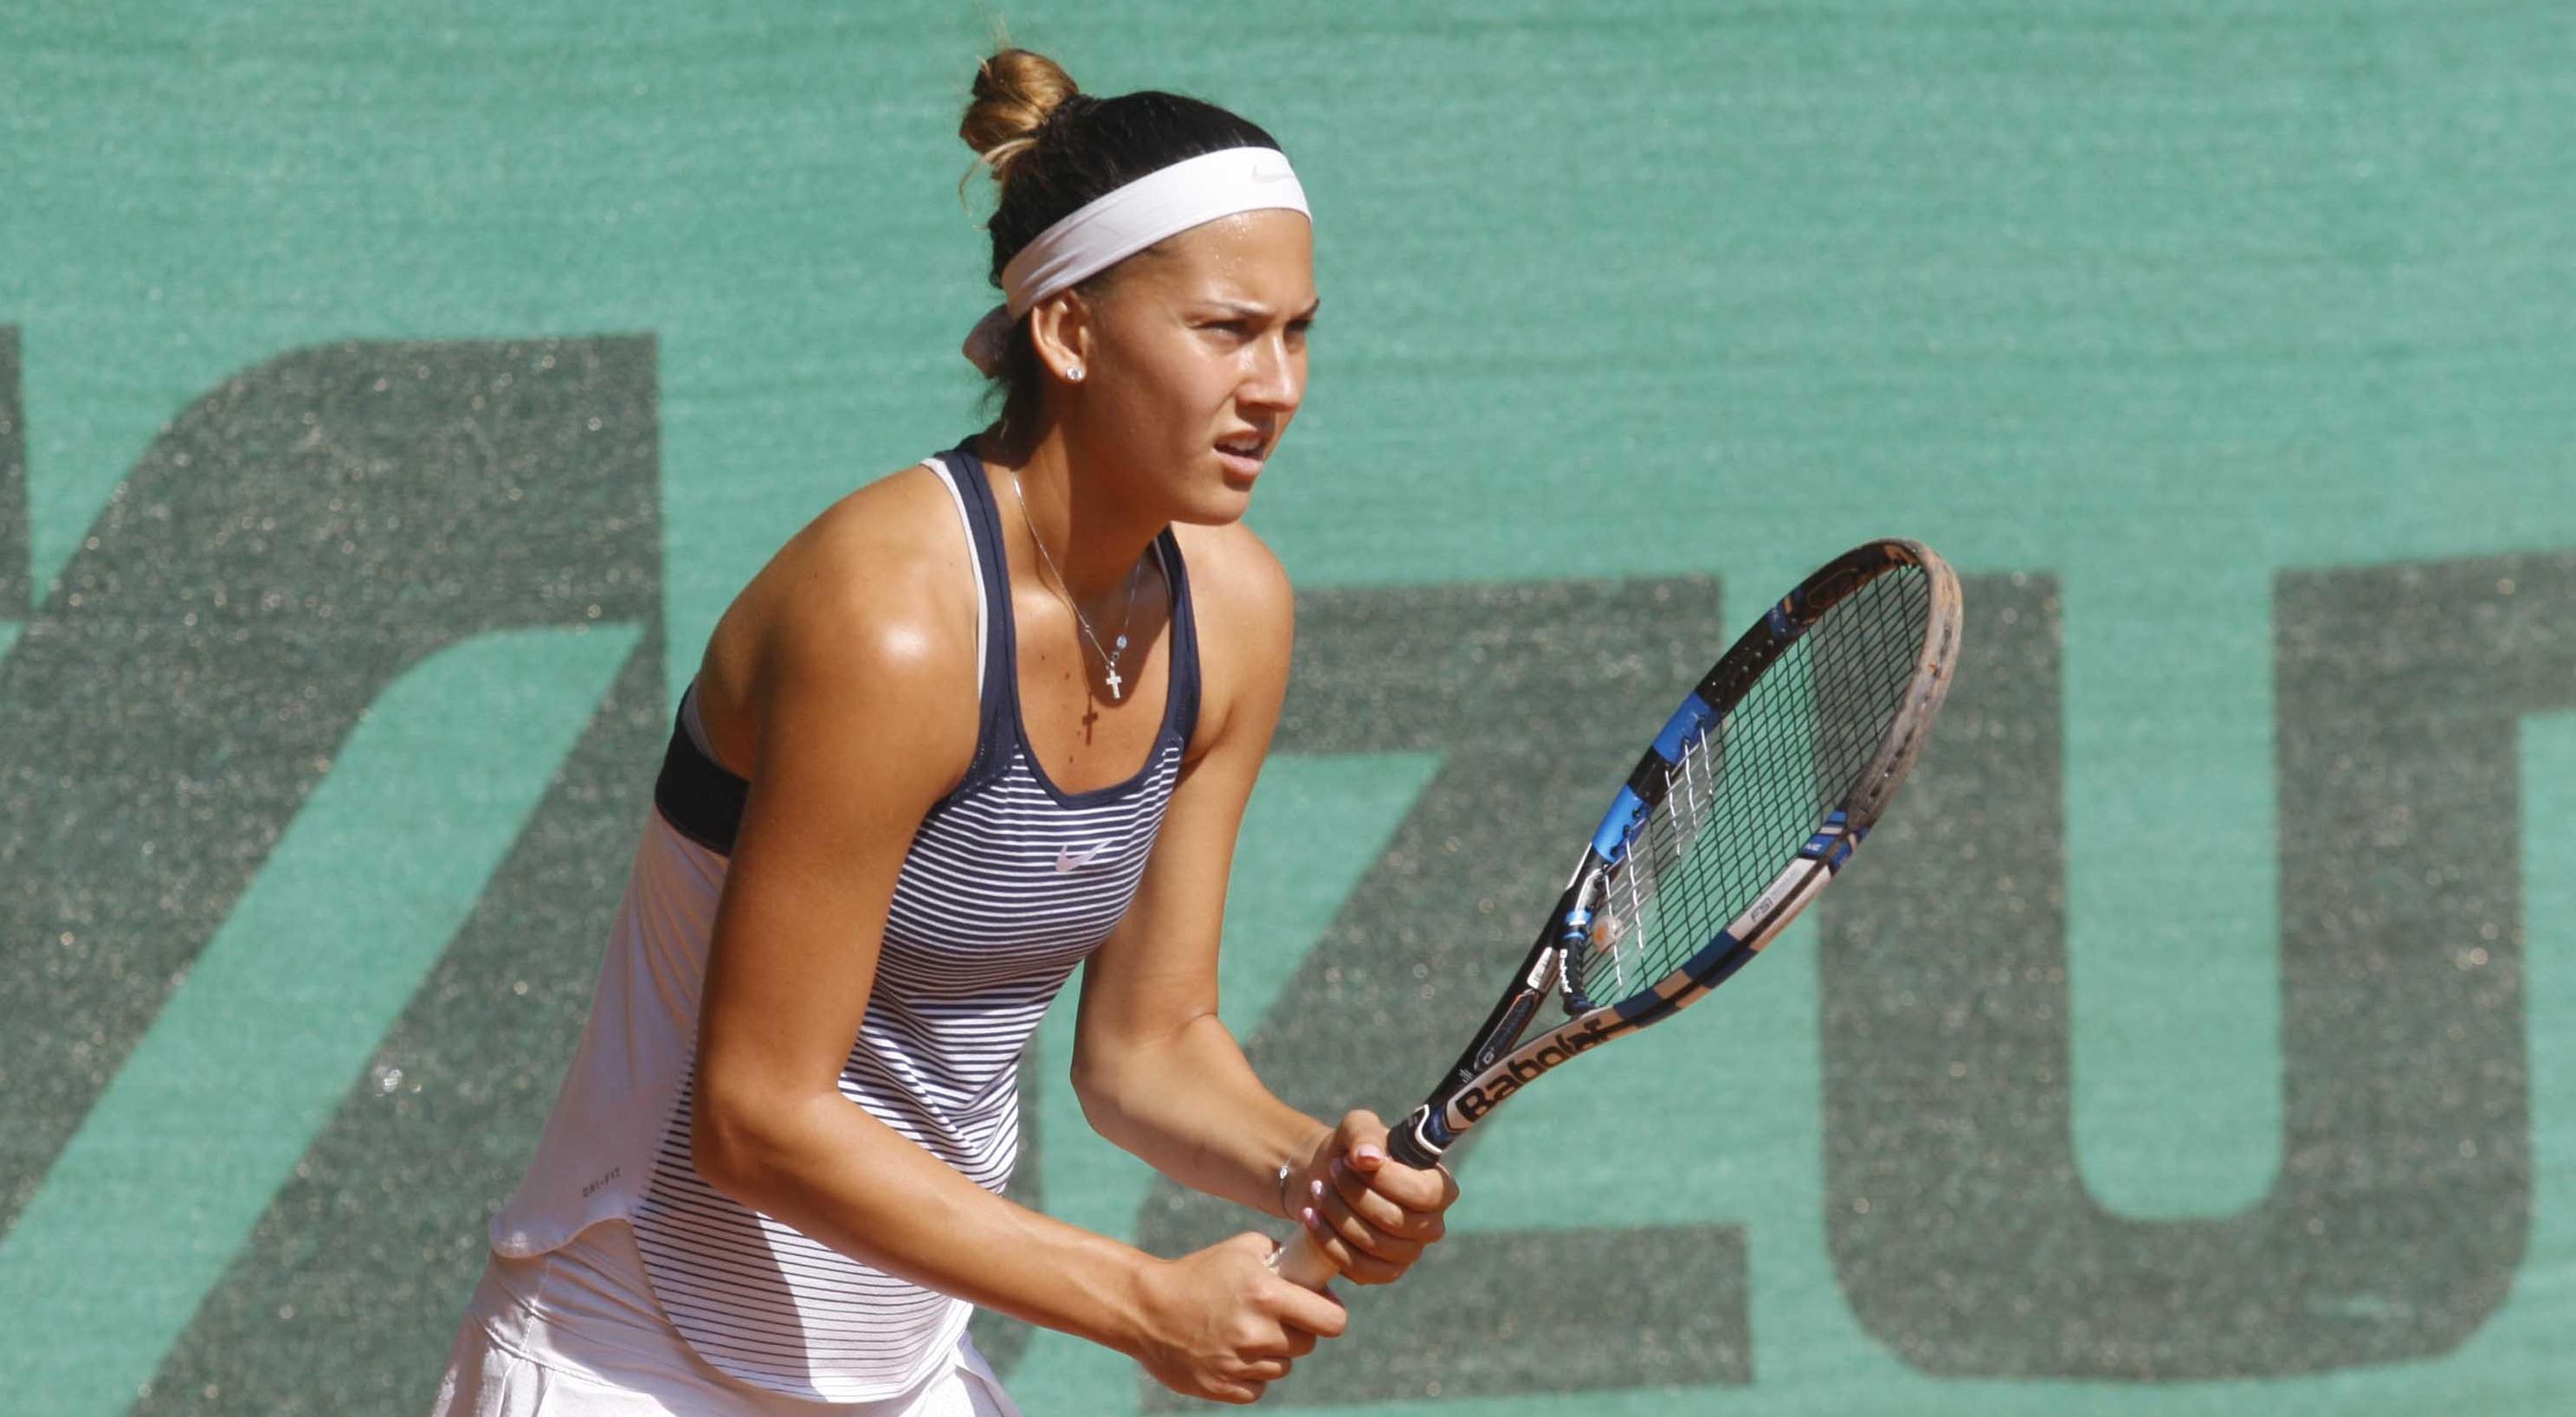 Българката Джулия Терзийска се класира за втория финален кръг от